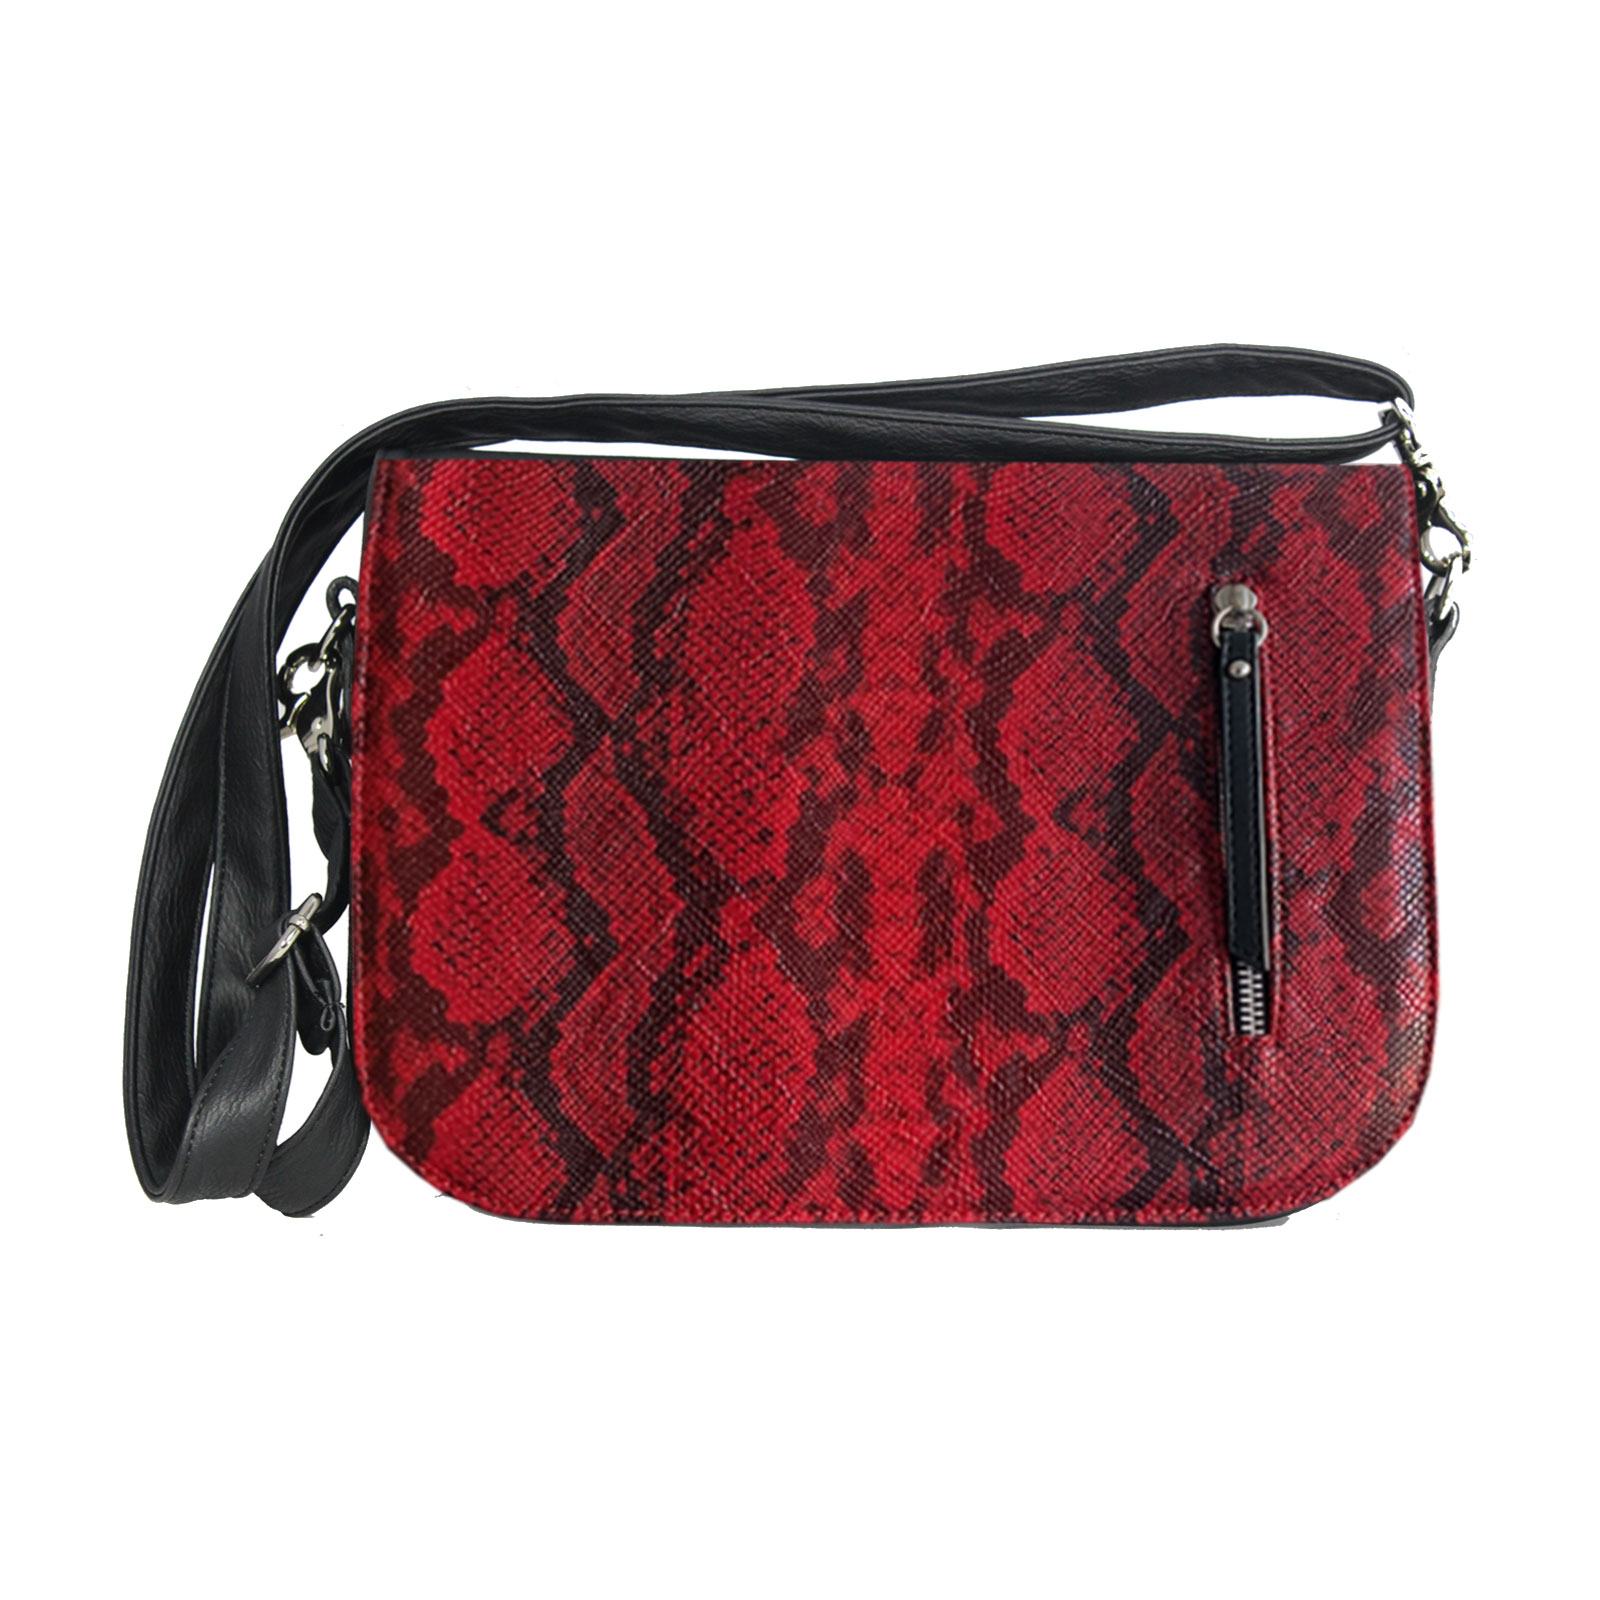 dunkelrote handtasche im Animalprint Design